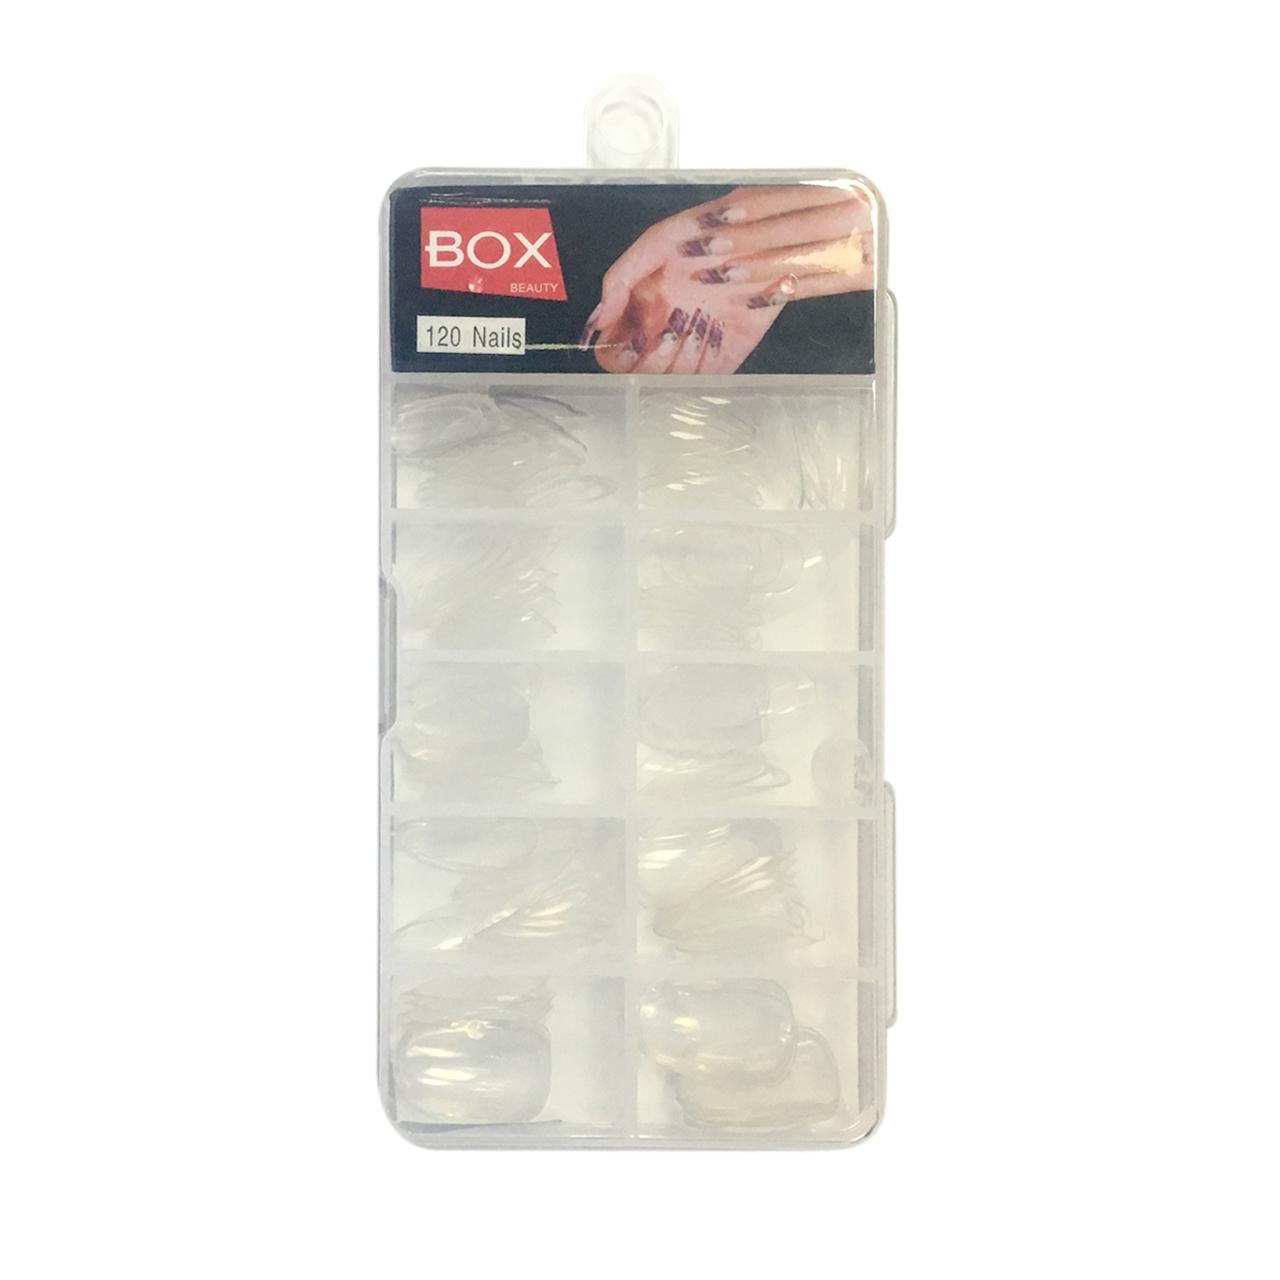 ناخن مصنوعی بی رنگ باکس مدل XO-95 بسته 120 عددی